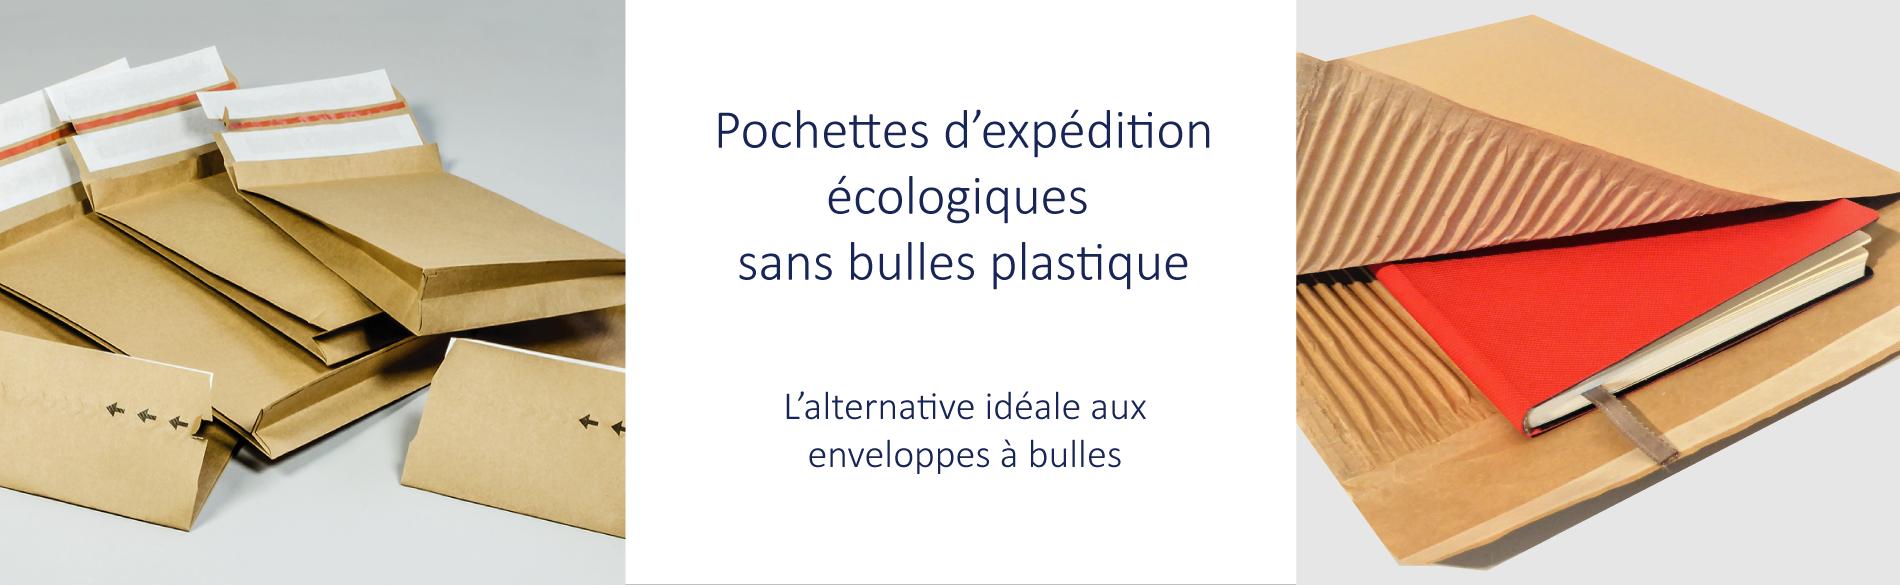 ENVELOPPES ECOLOGIQUES - PACKLIGHT